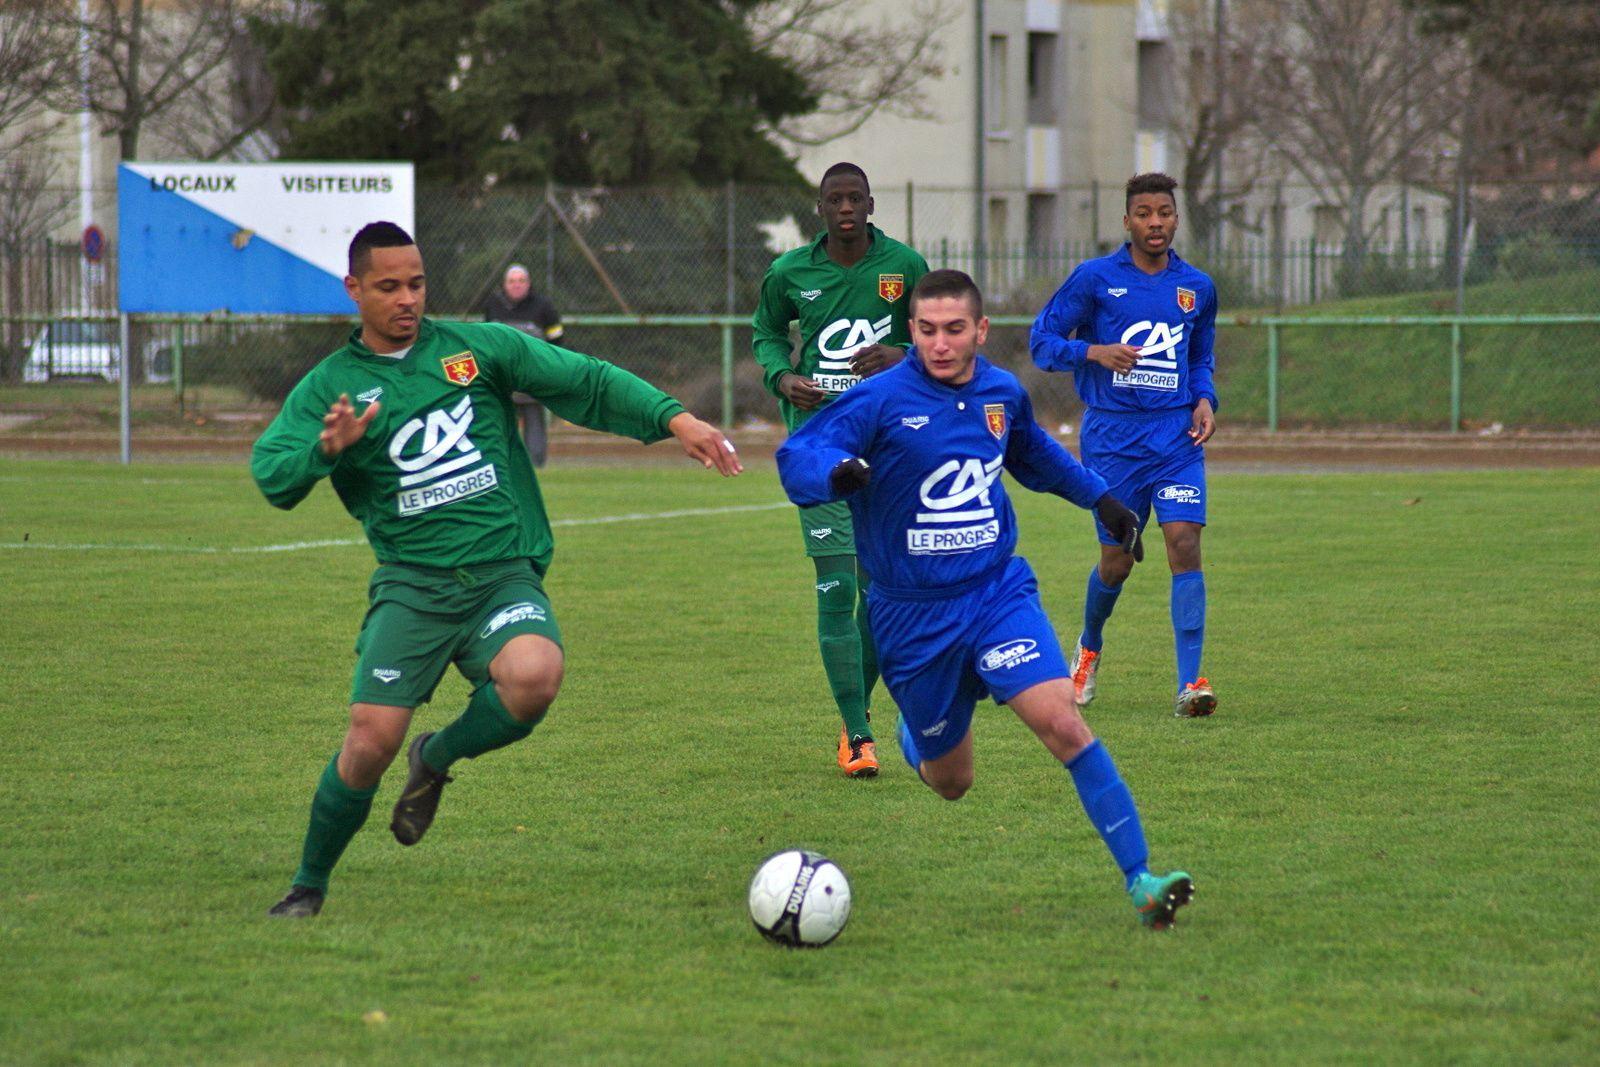 Ce dimanche un derby entre l'ASM(3) et l'USV  aura lieu à distance pour la montée en Ligue